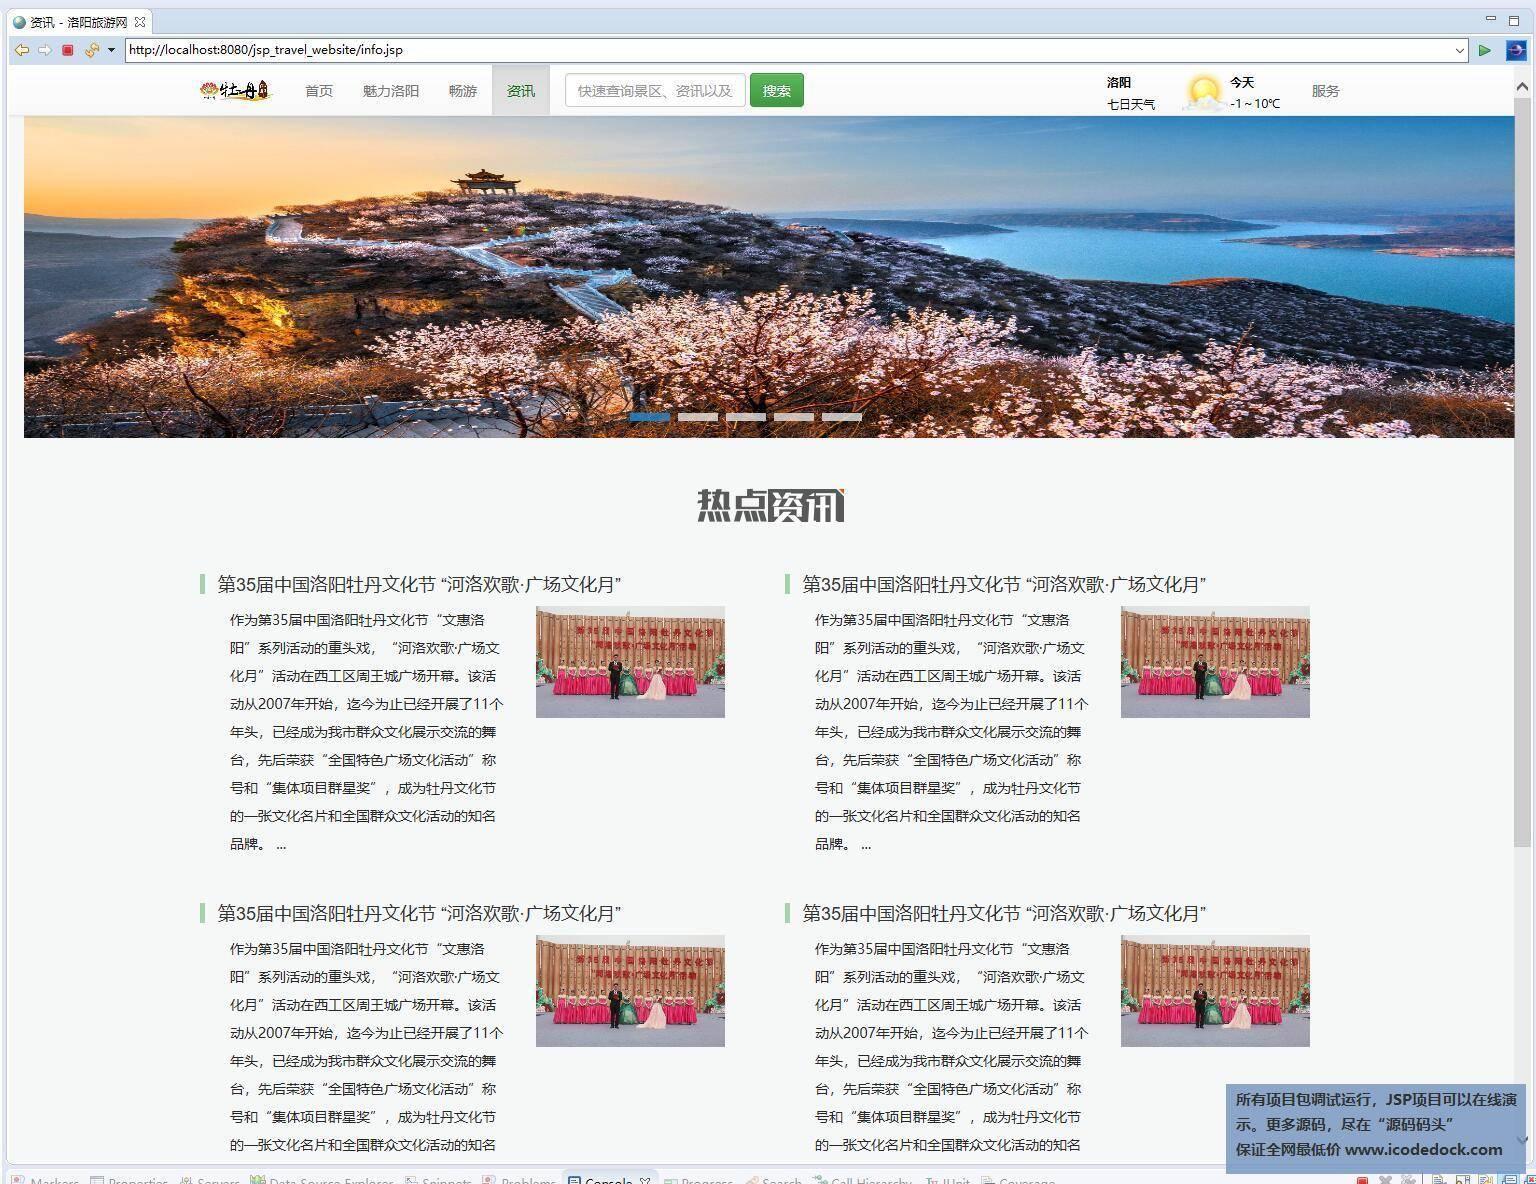 源码码头-JSP旅游网站管理系统-用户角色-地区资讯